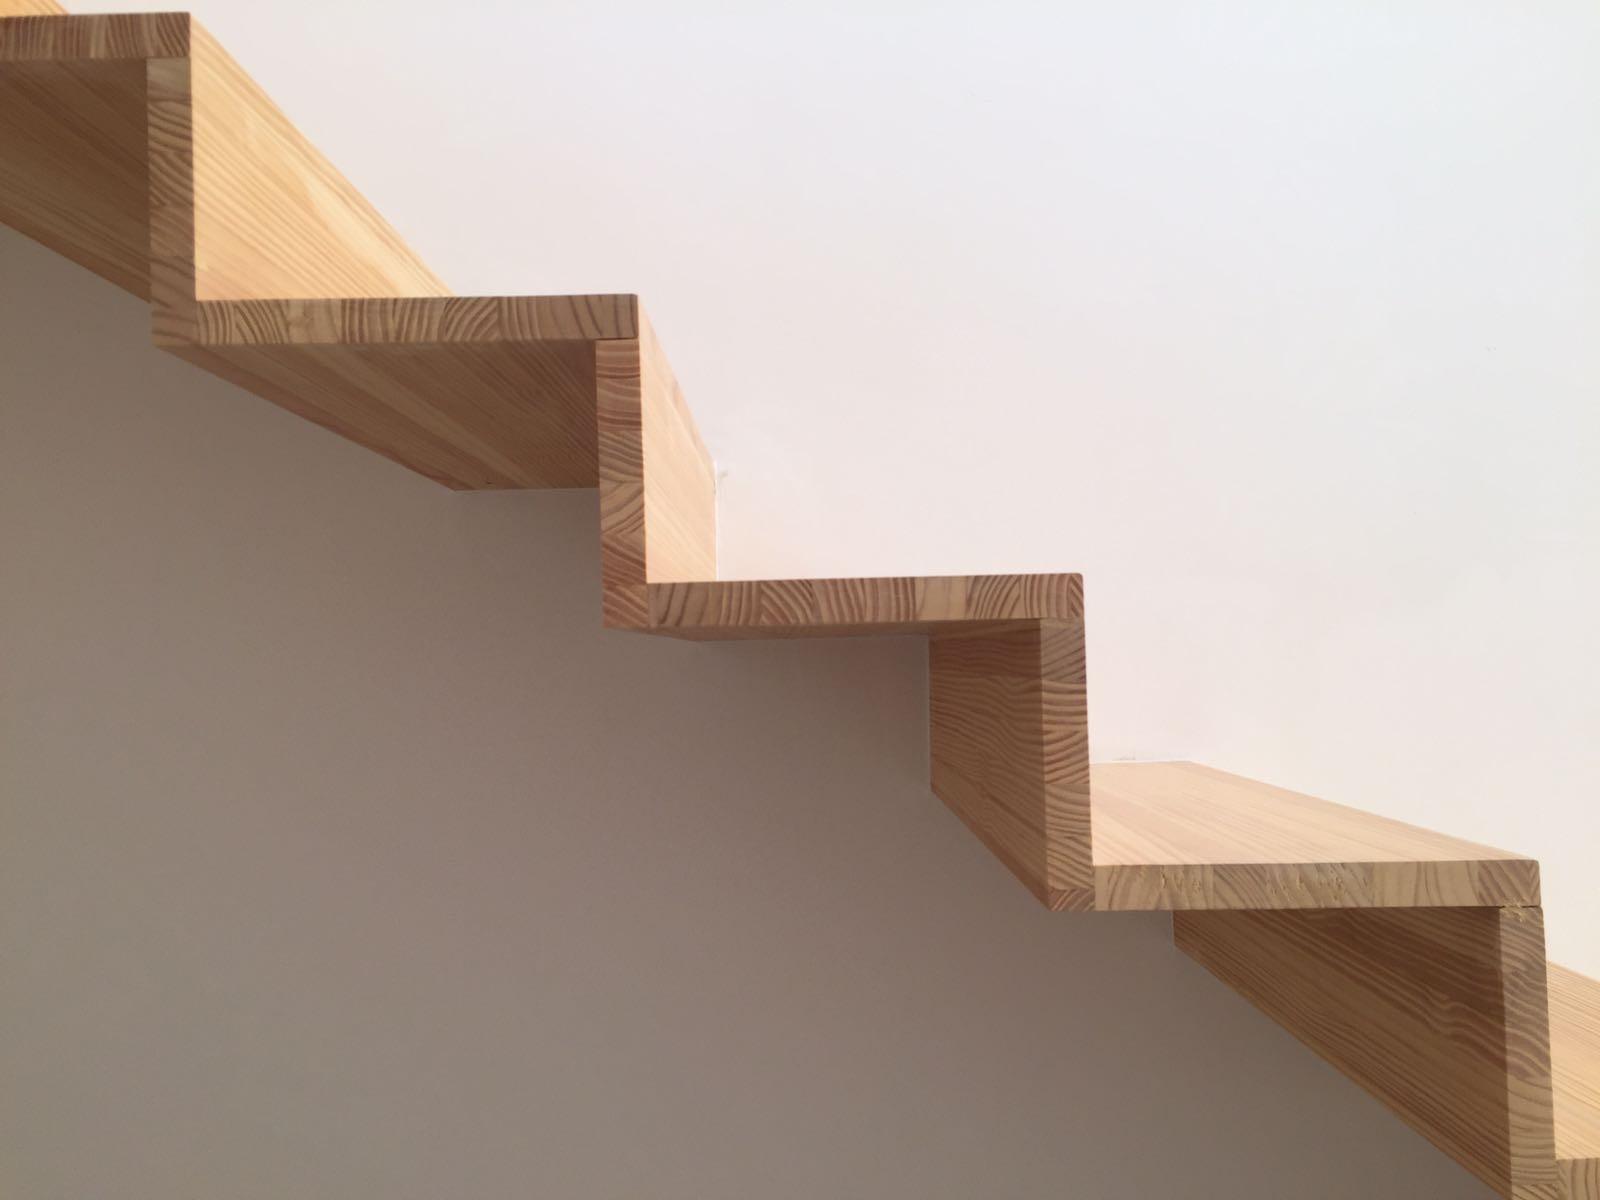 Barnizar madera for Como barnizar madera